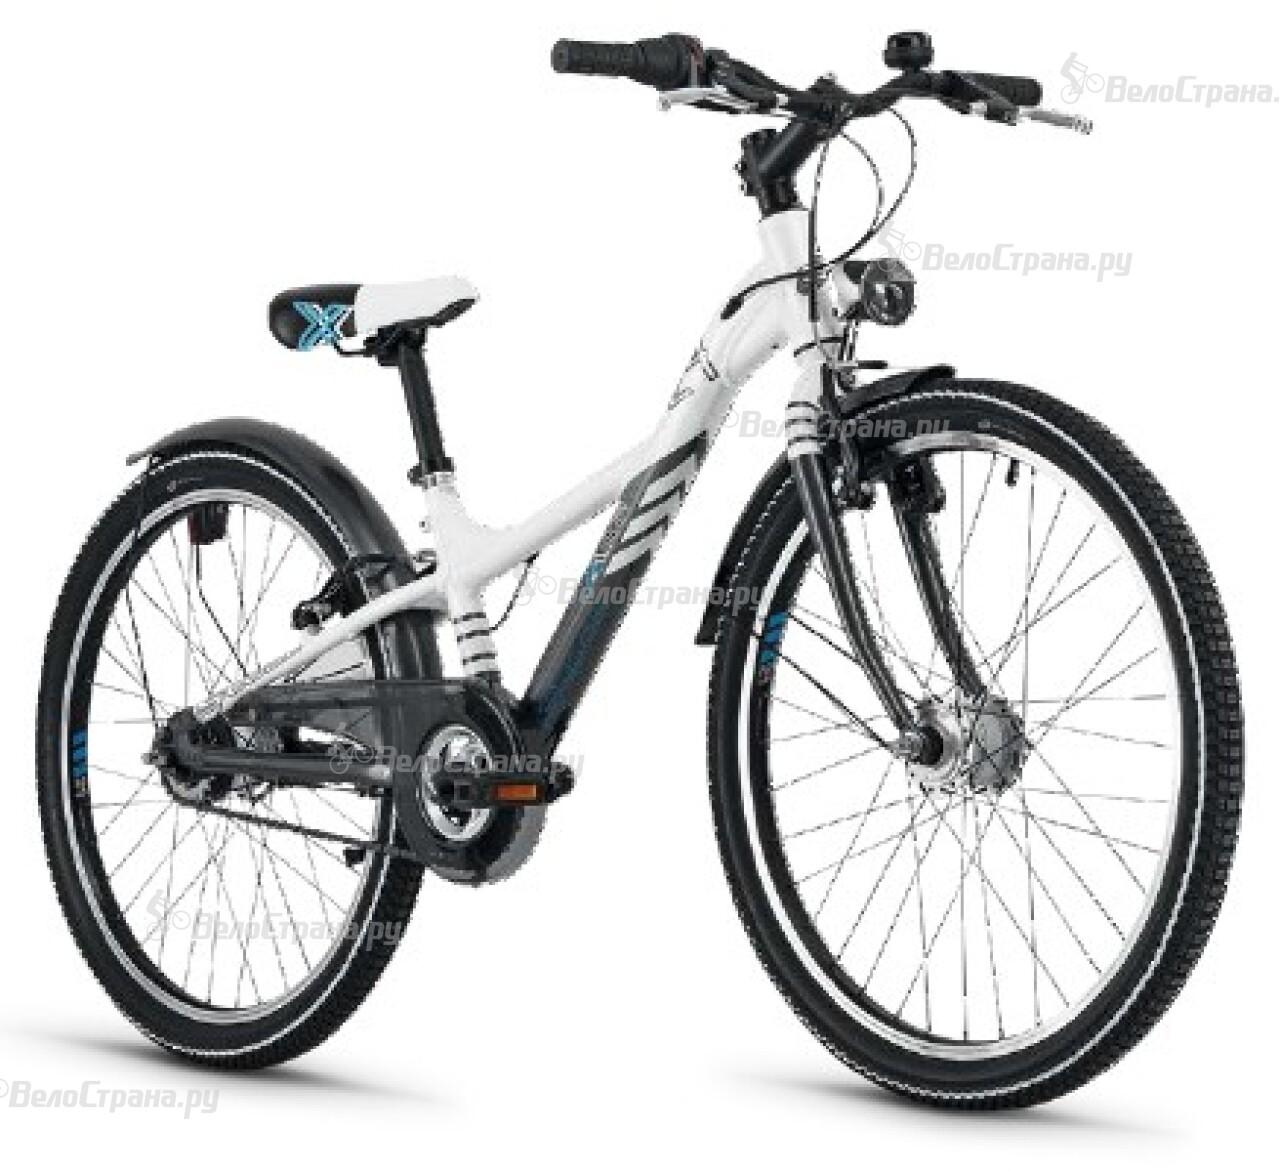 Велосипед Scool XX lite 24 7S (2014) nikon prostaff 7s 8x42